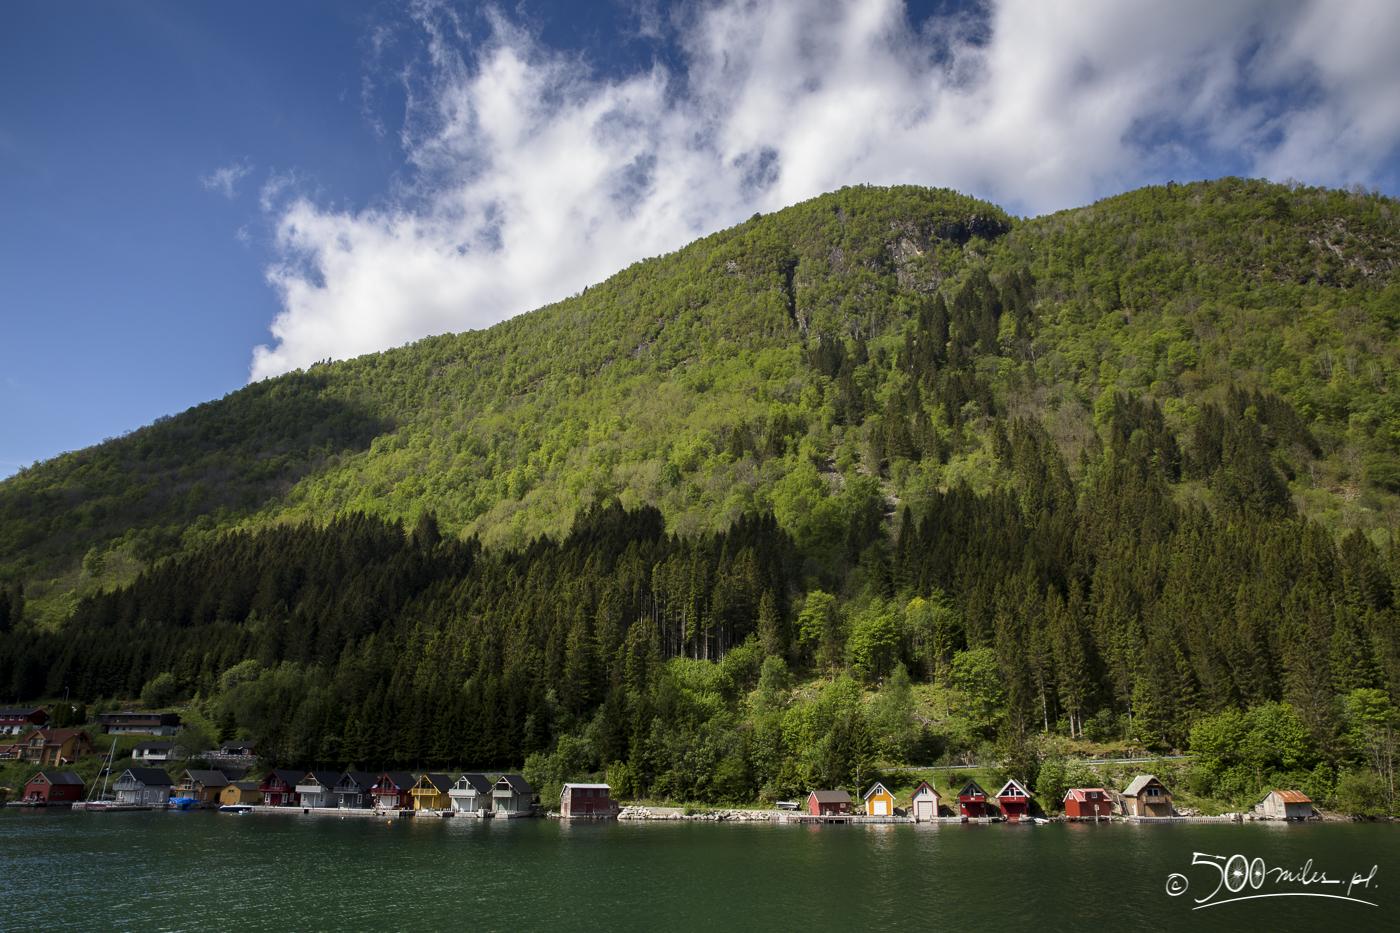 Vikøyri, Norway